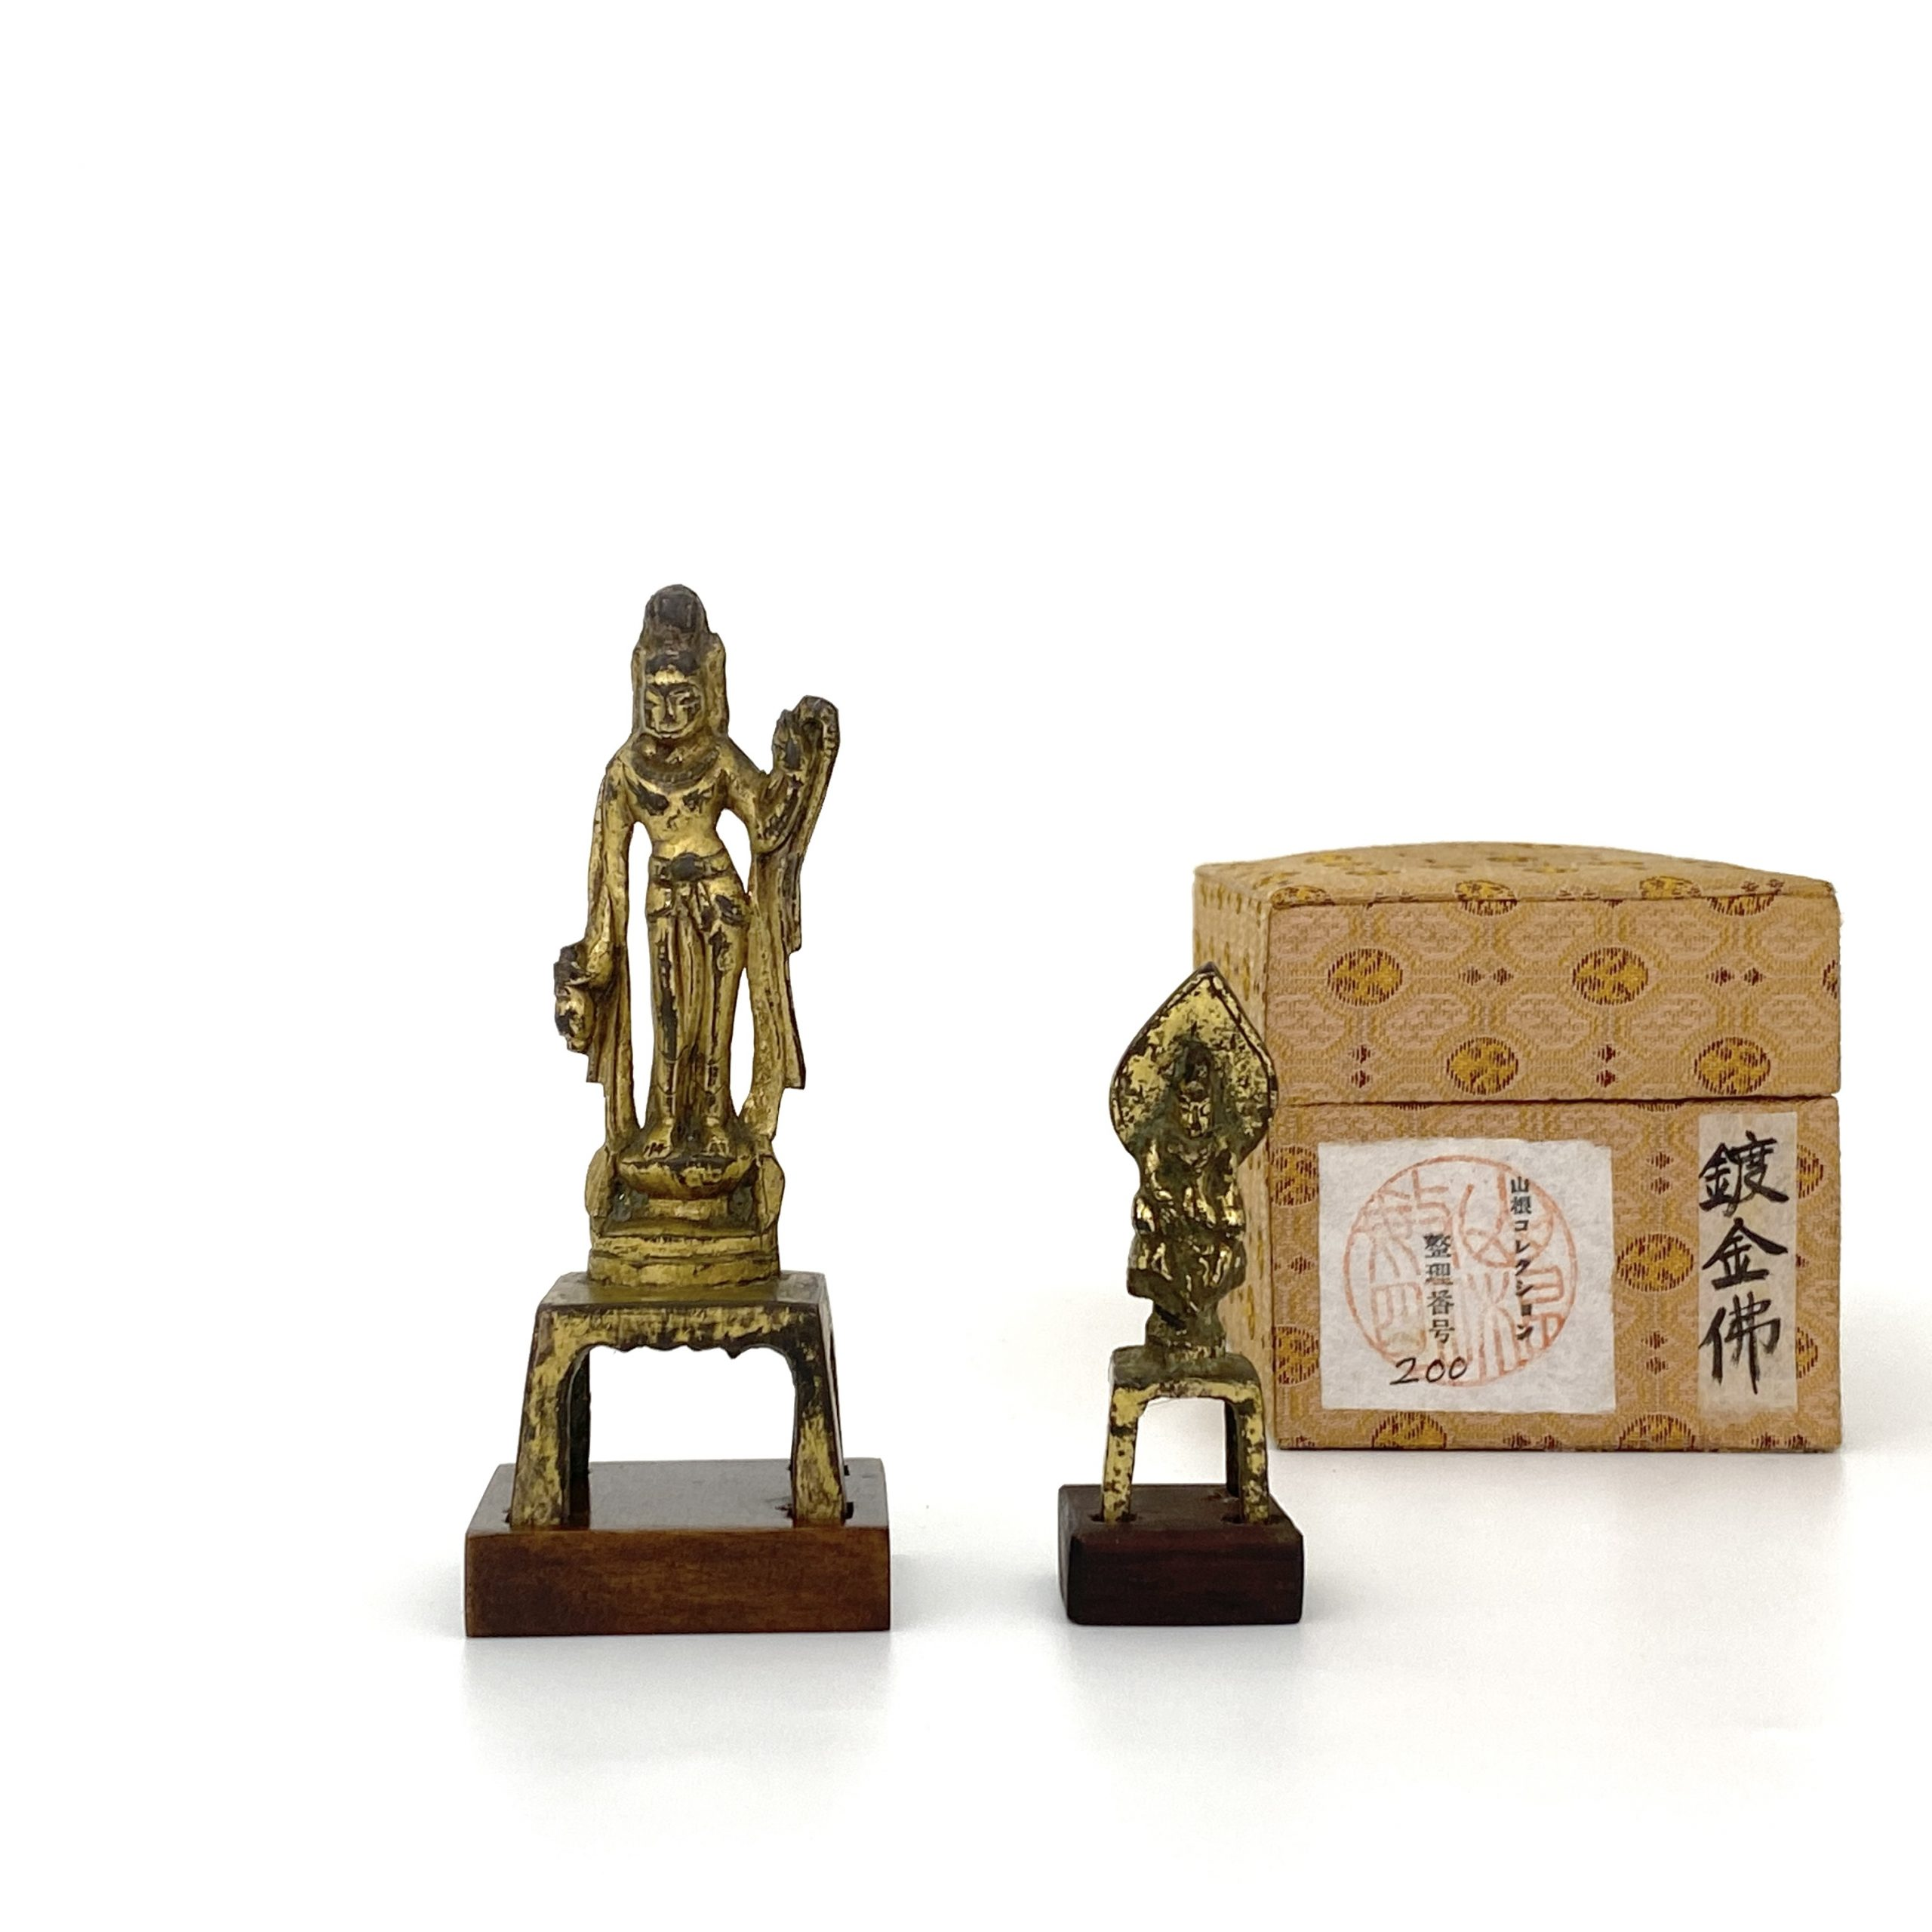 21499唐 青銅鎏金 観音立像等 計2件